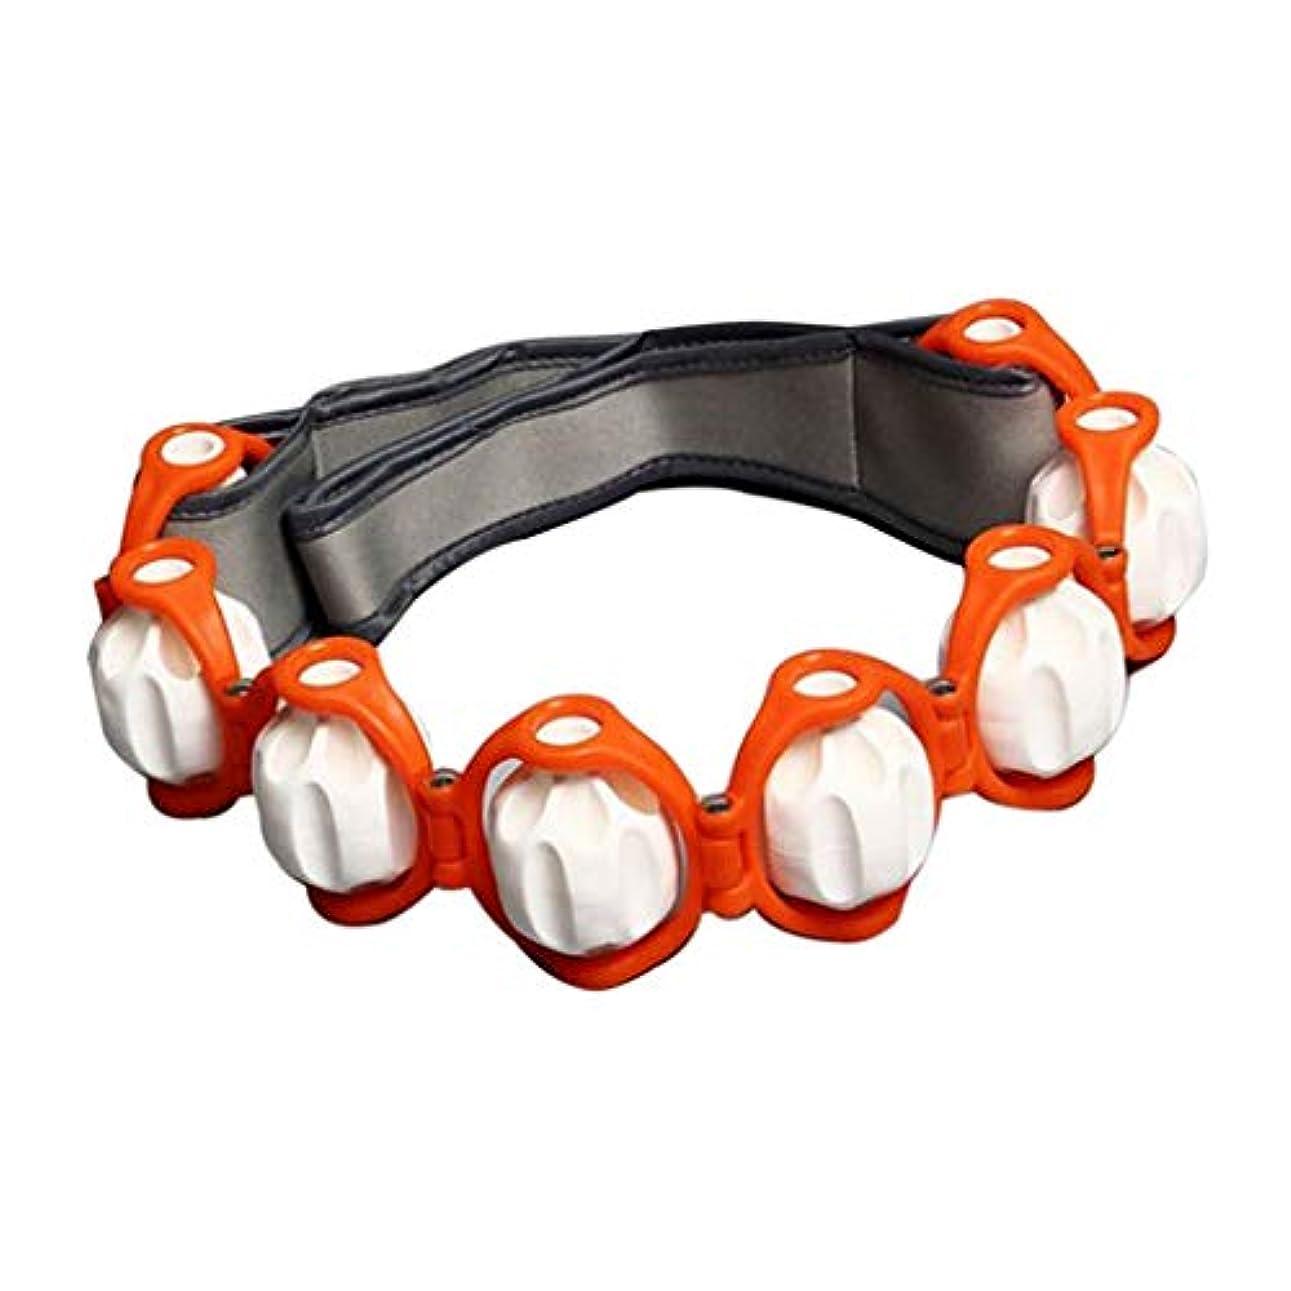 プロペラ美的溝マッサージローラー ロープ付き ツボ押し ボディマッサージ 筋肉マッサージ 4色選べ - オレンジ